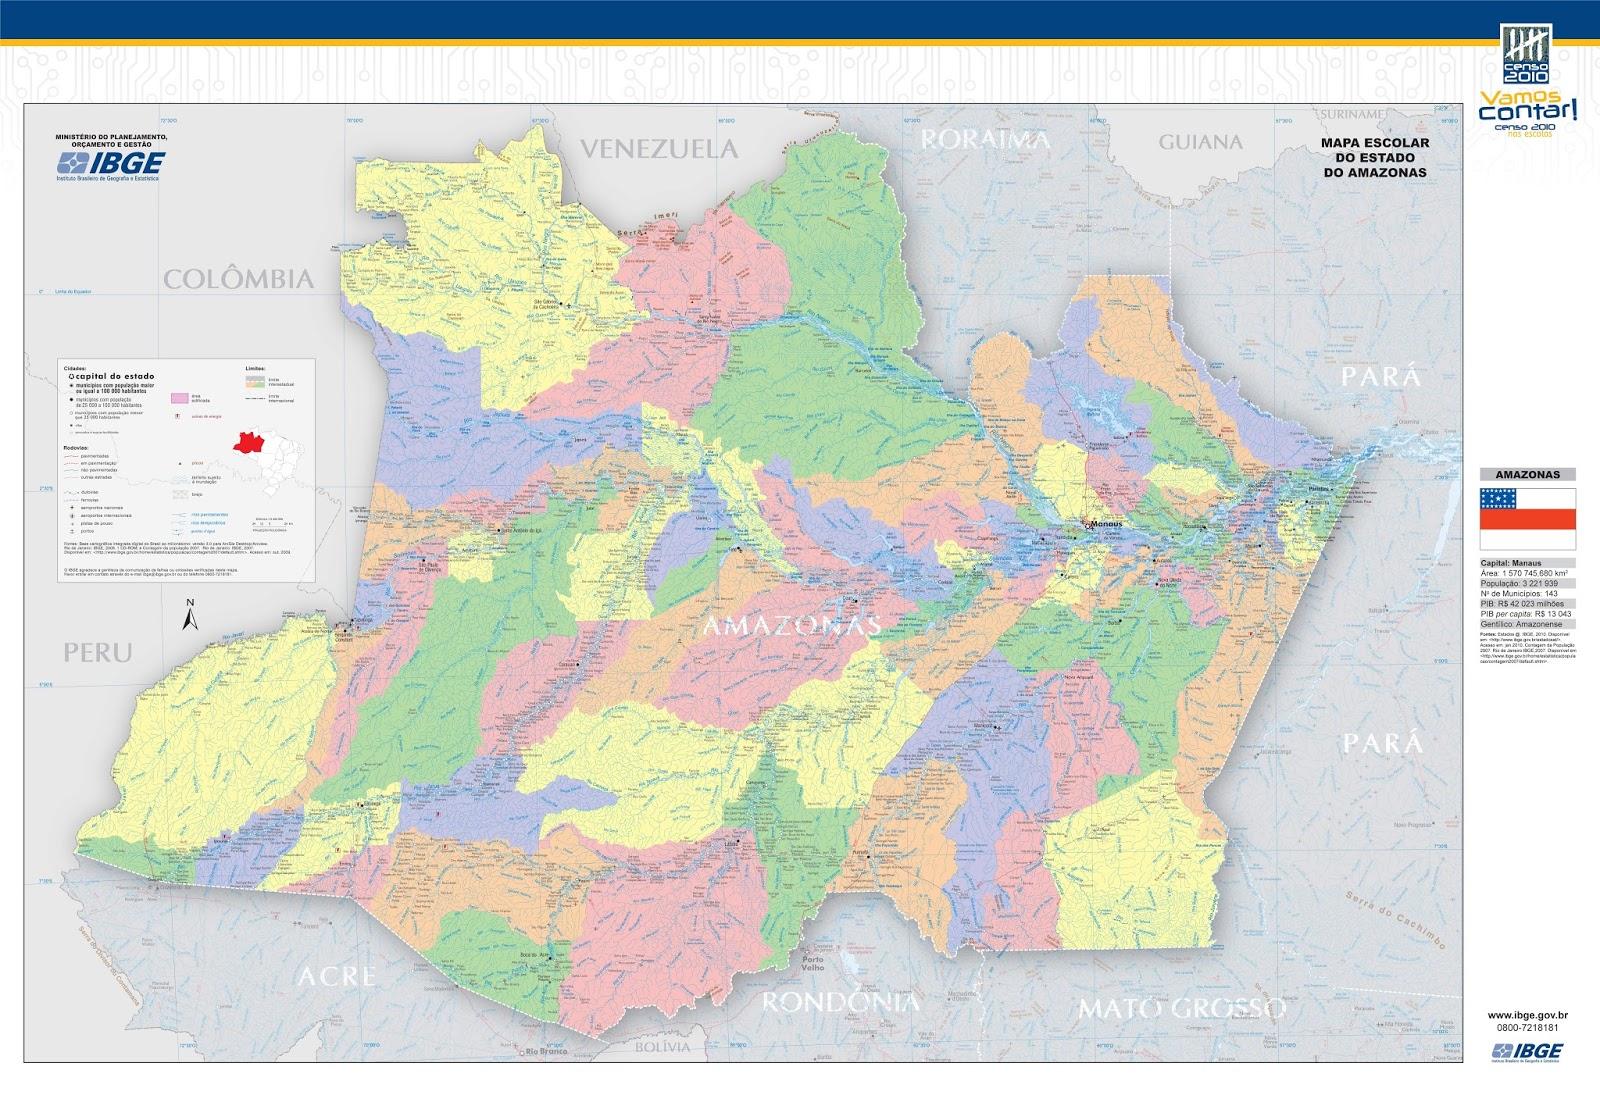 #Amazonas | Mapas Geográficos do Amazonas